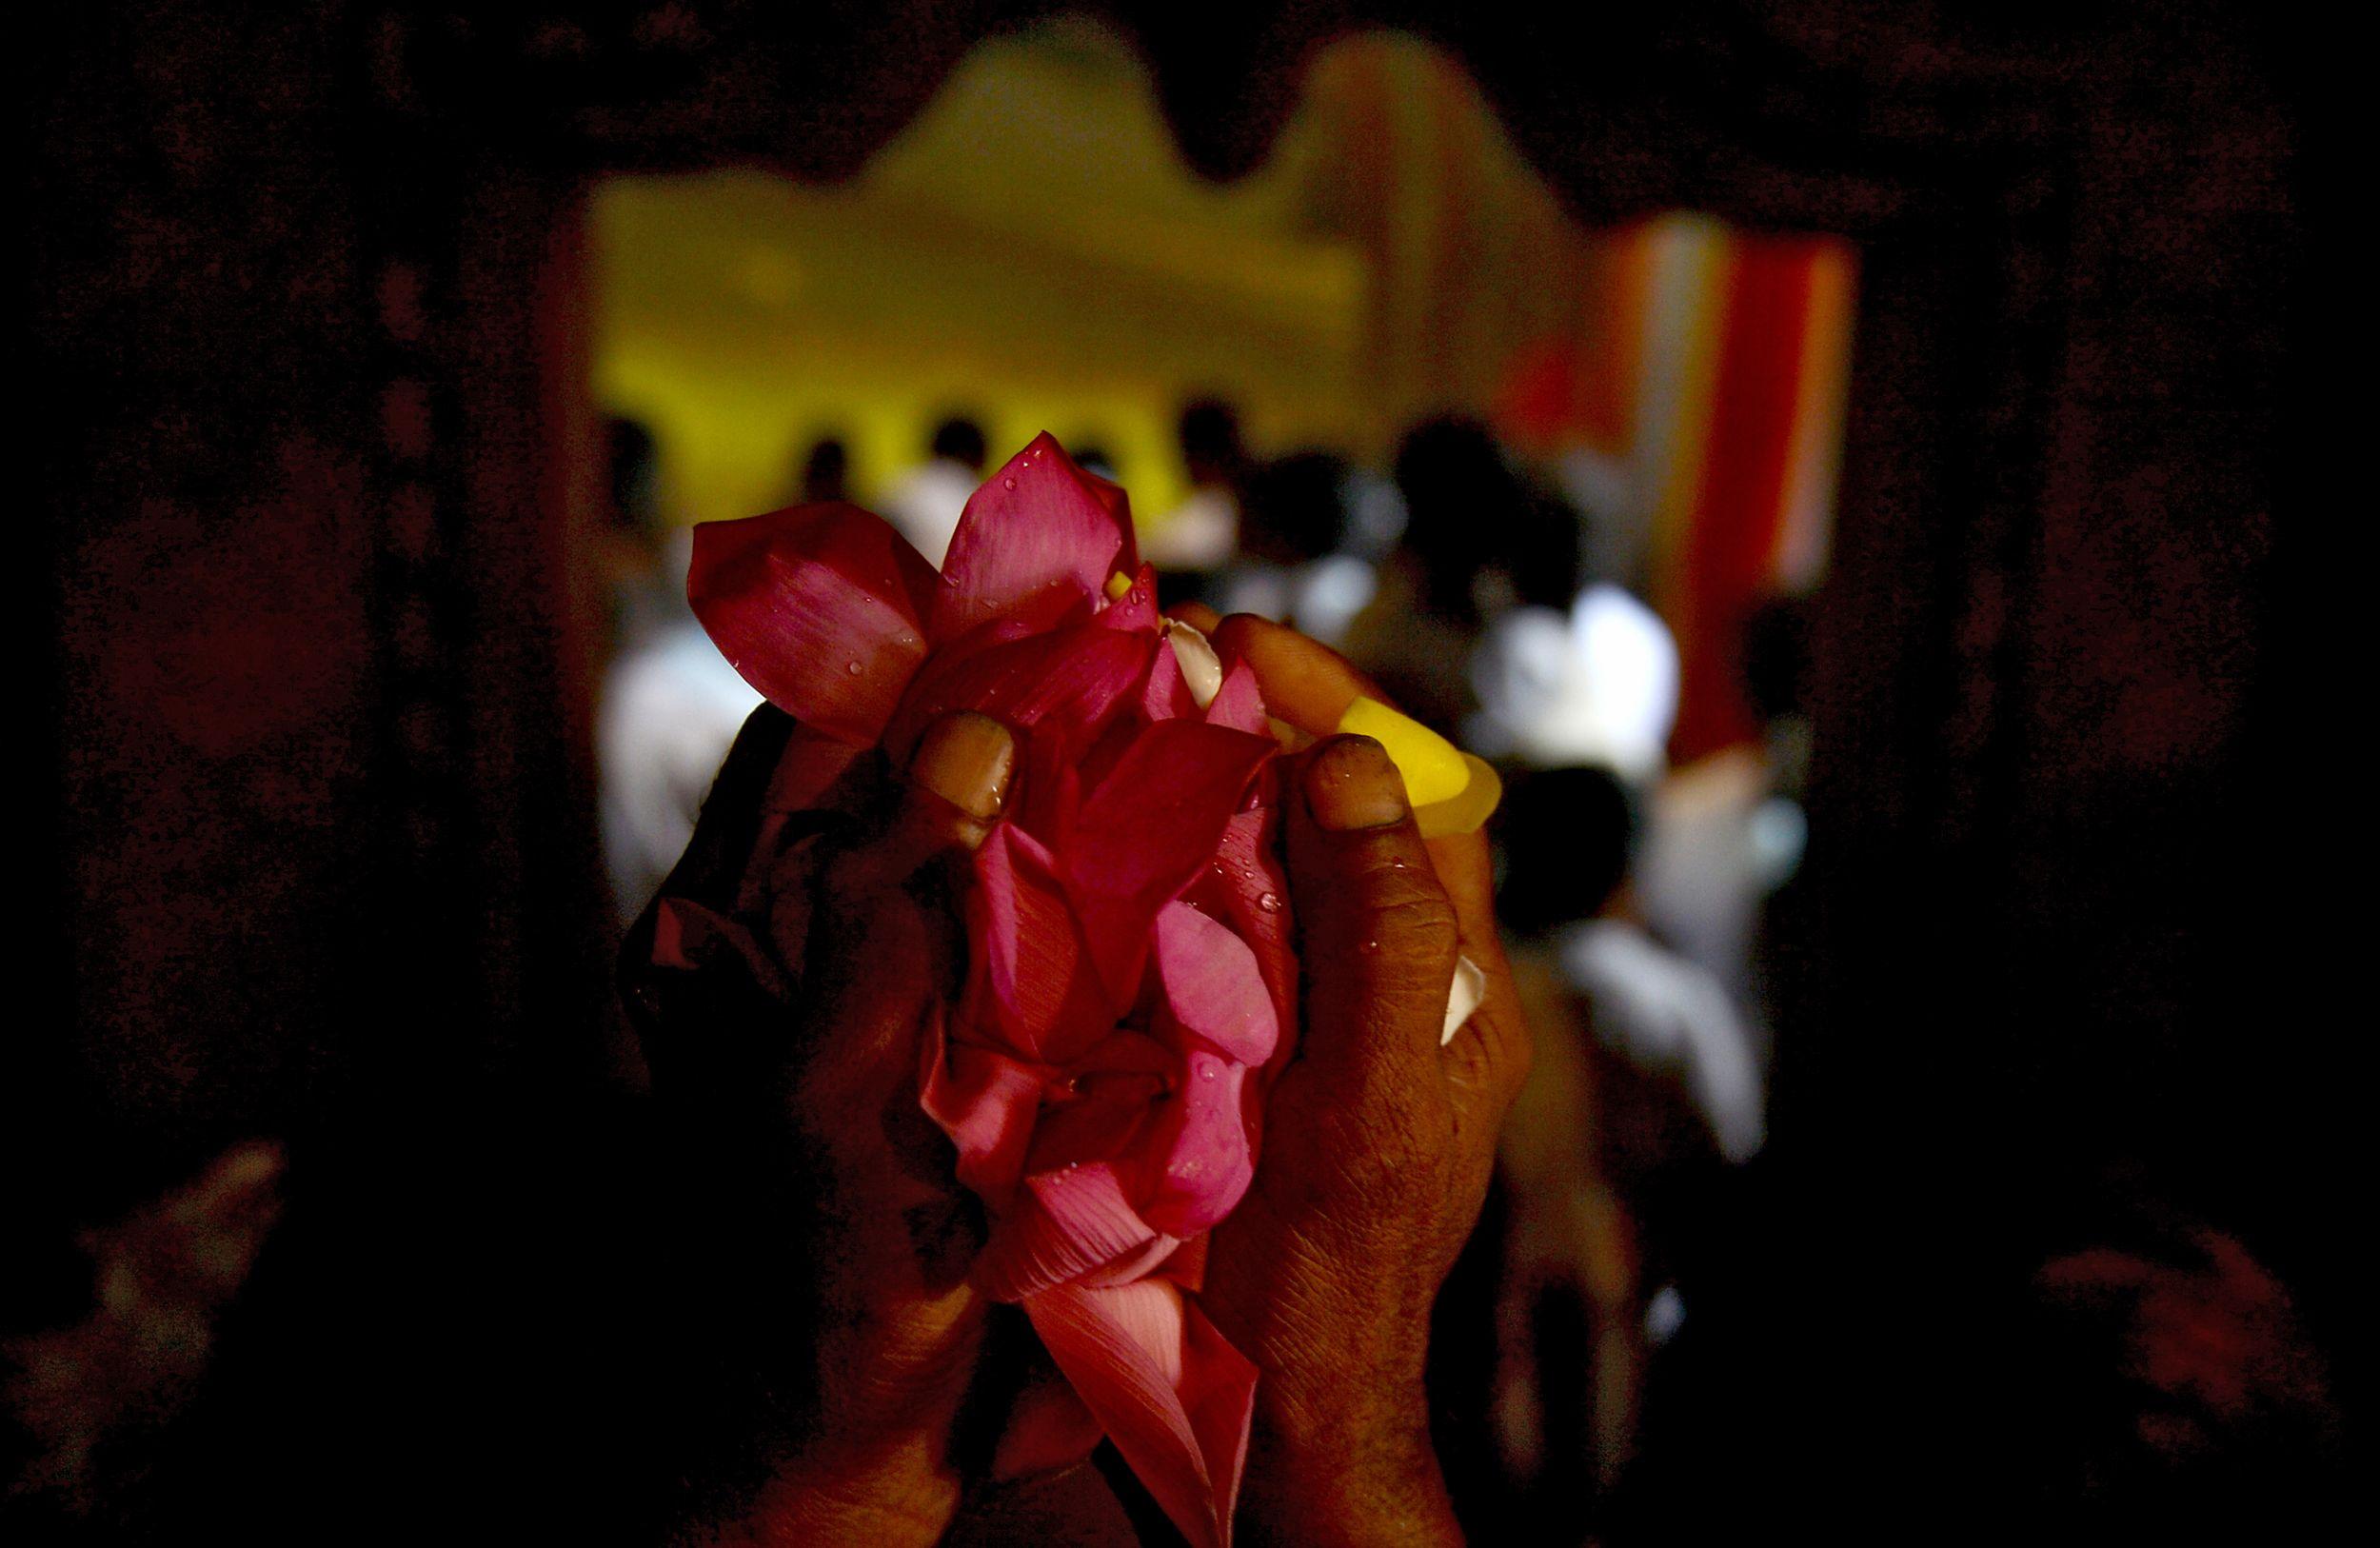 طقوس الاحتفال بذكرى ميلاد بوذا فى سريلانكا